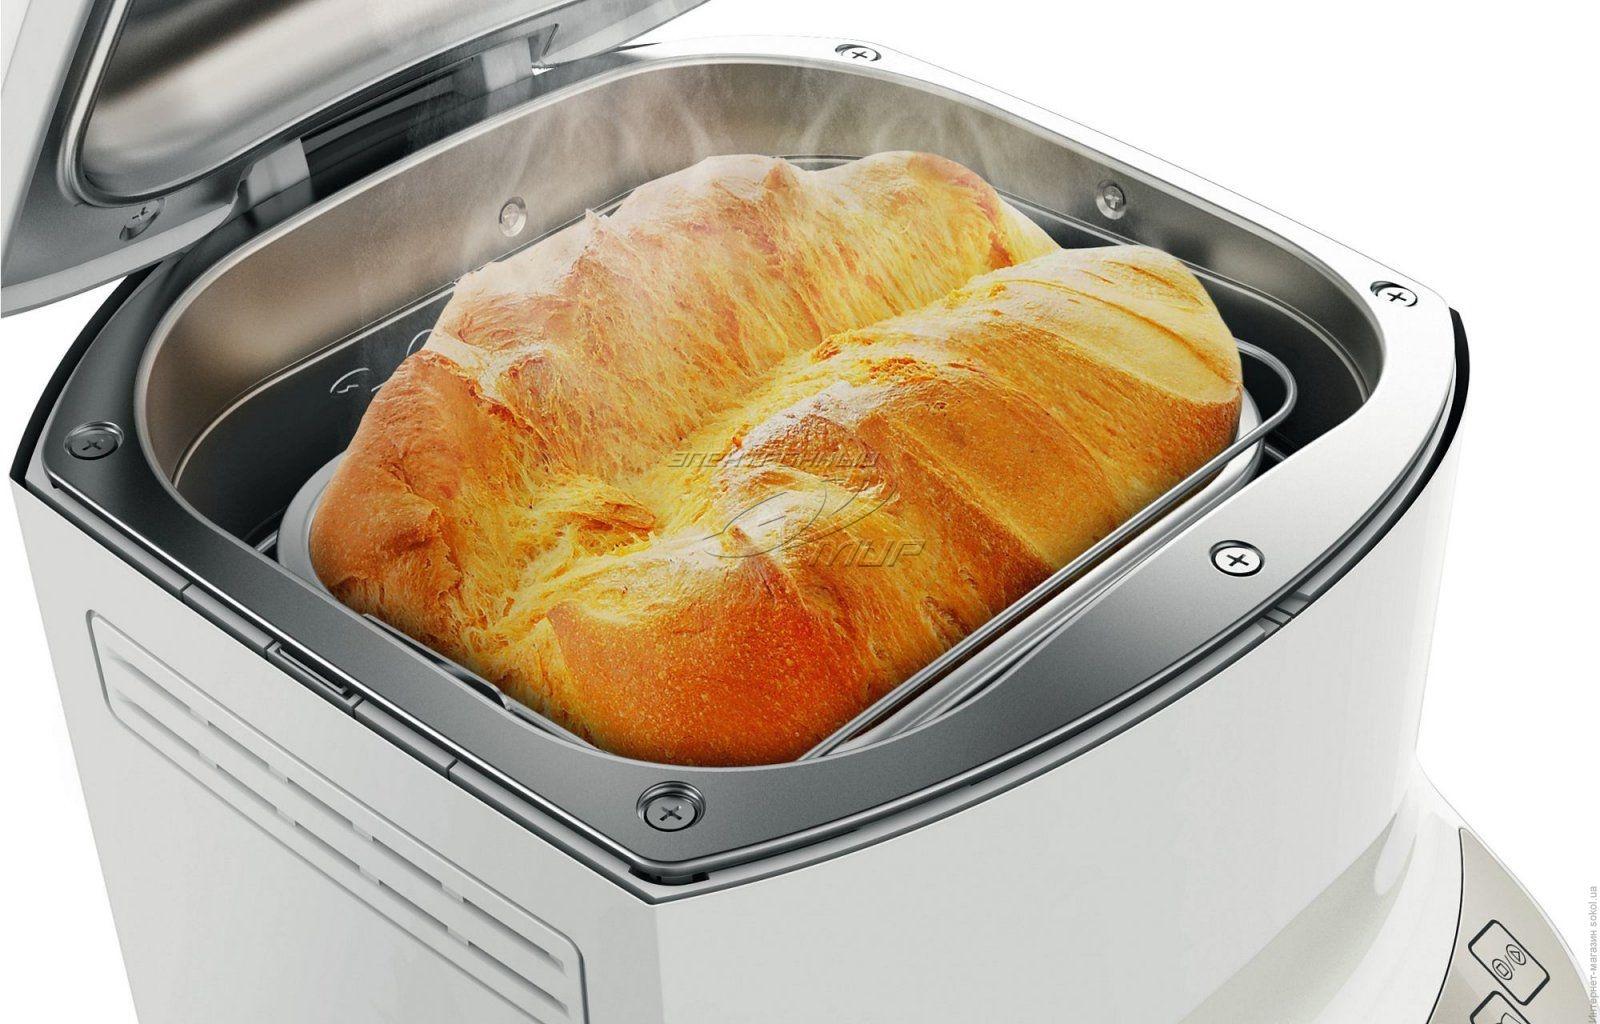 Бытовая техника: хлебопечь